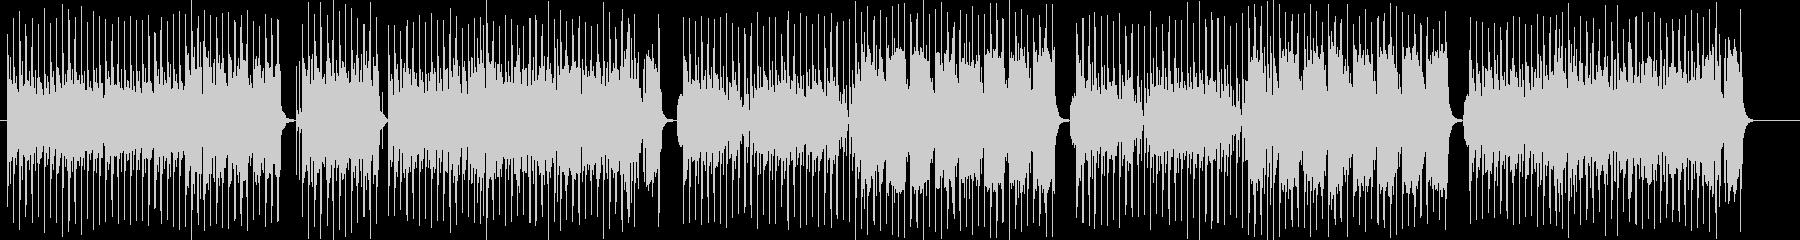 情熱的な吹奏楽シンセサンバ風ポップの未再生の波形